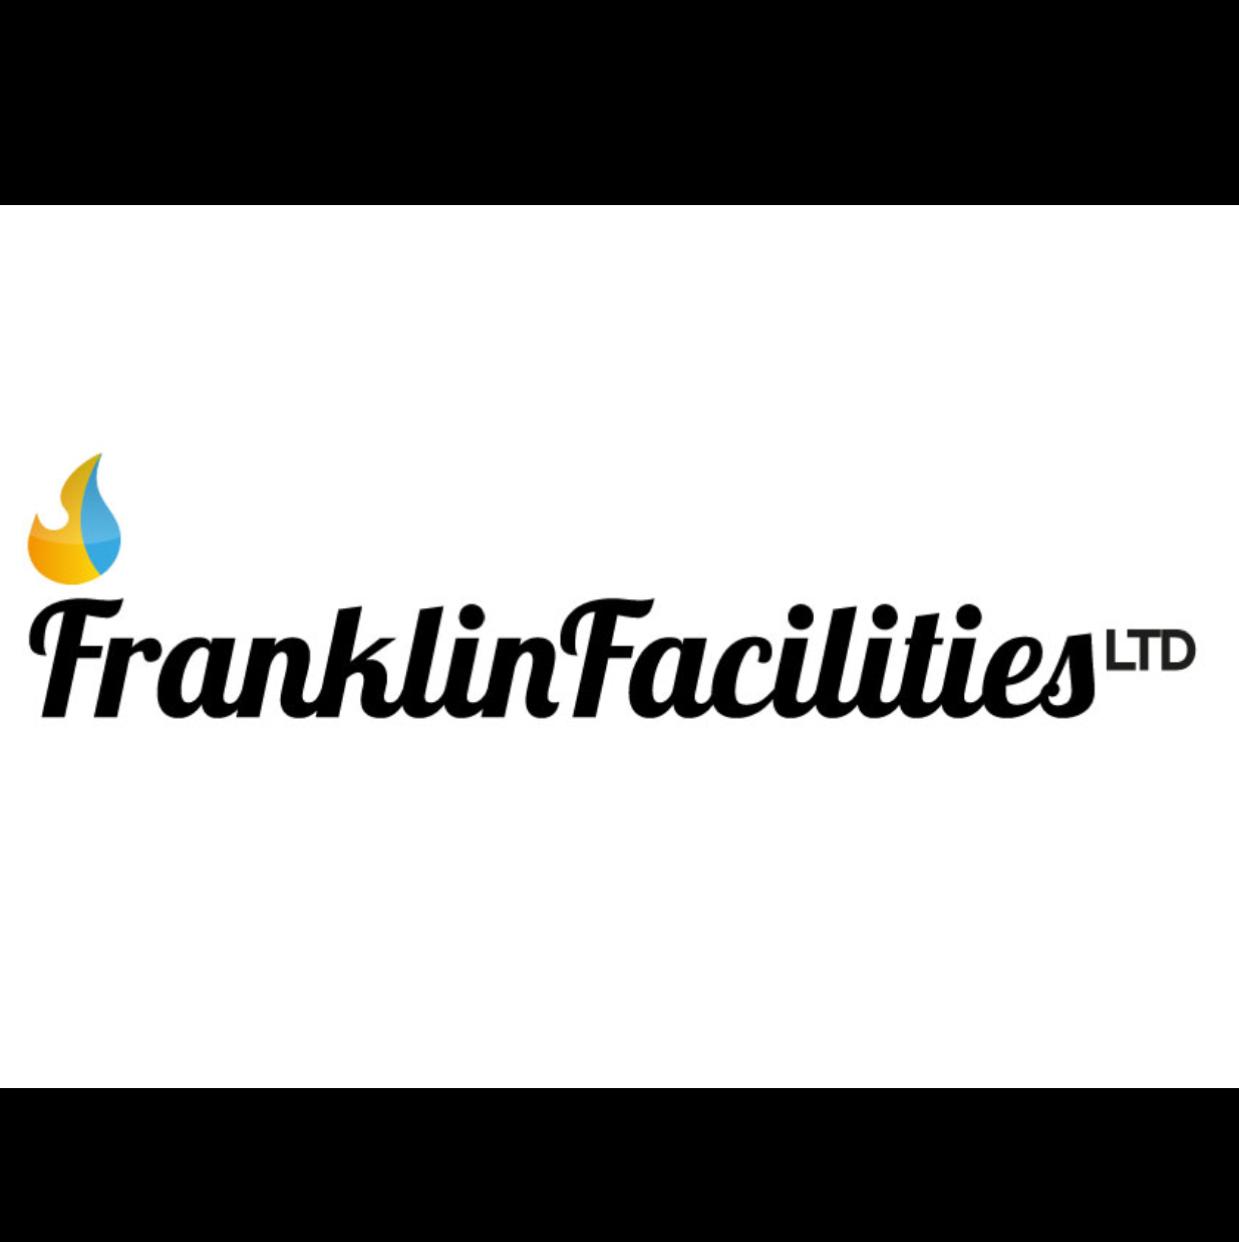 Franklin Facilities LTD